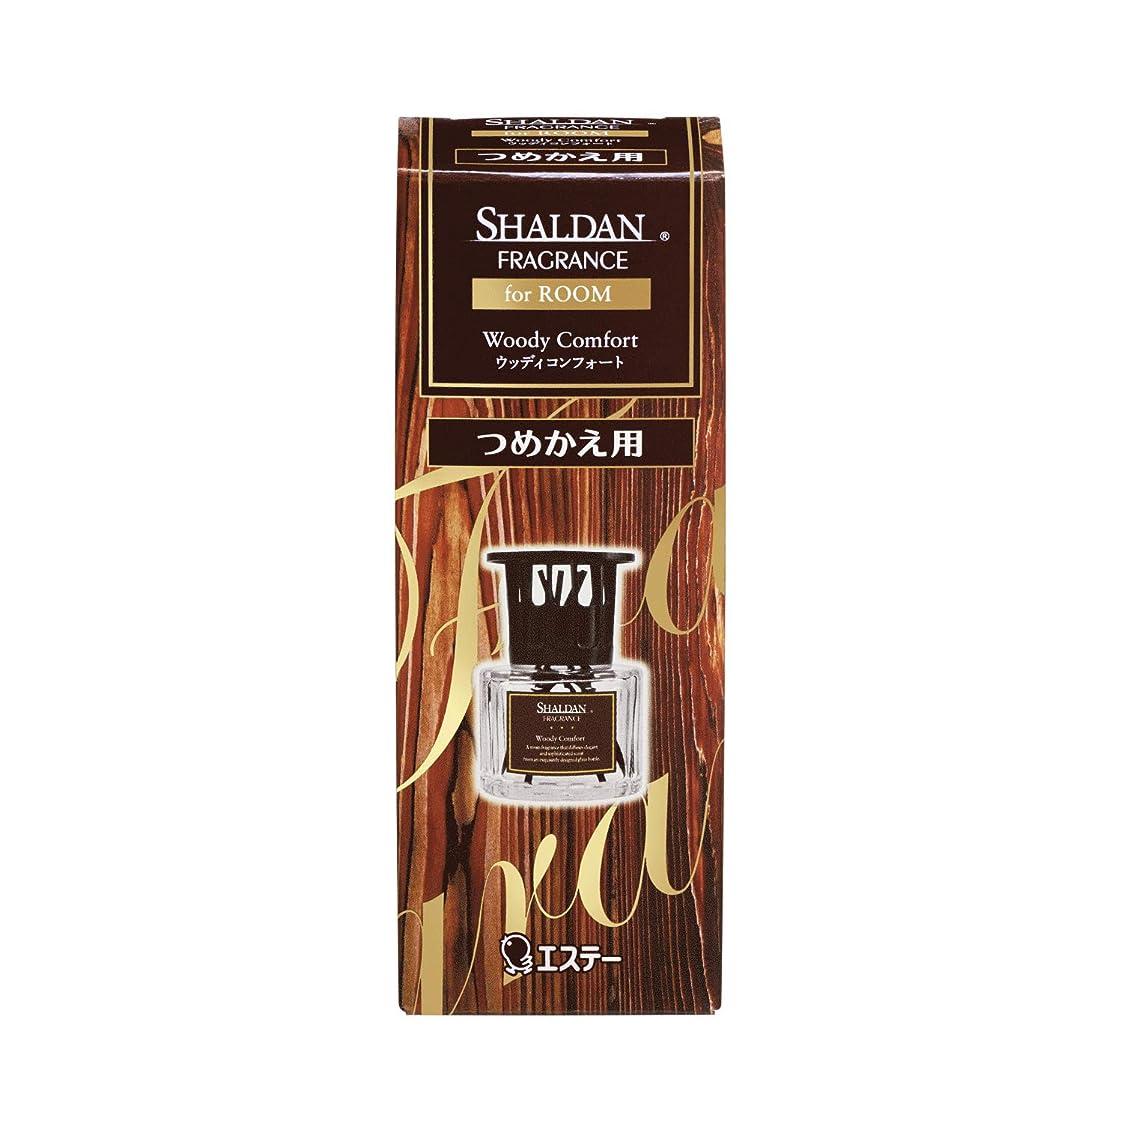 デッドロックバイバイスペインシャルダン SHALDAN フレグランス for ROOM 芳香剤 部屋用 つめかえ ウッディコンフォート 65mL